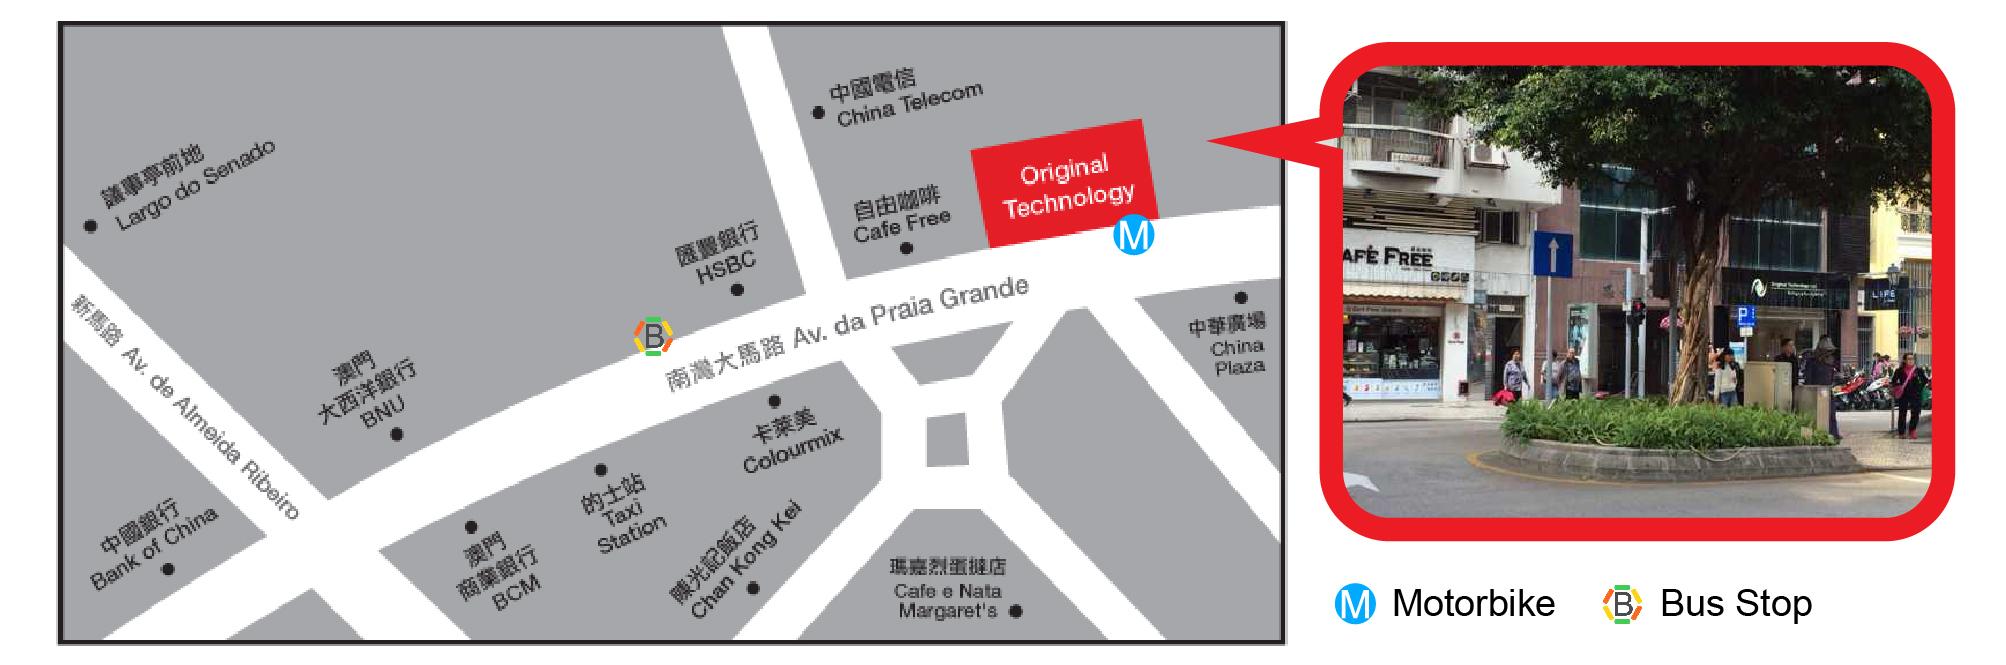 map_nv.jpg